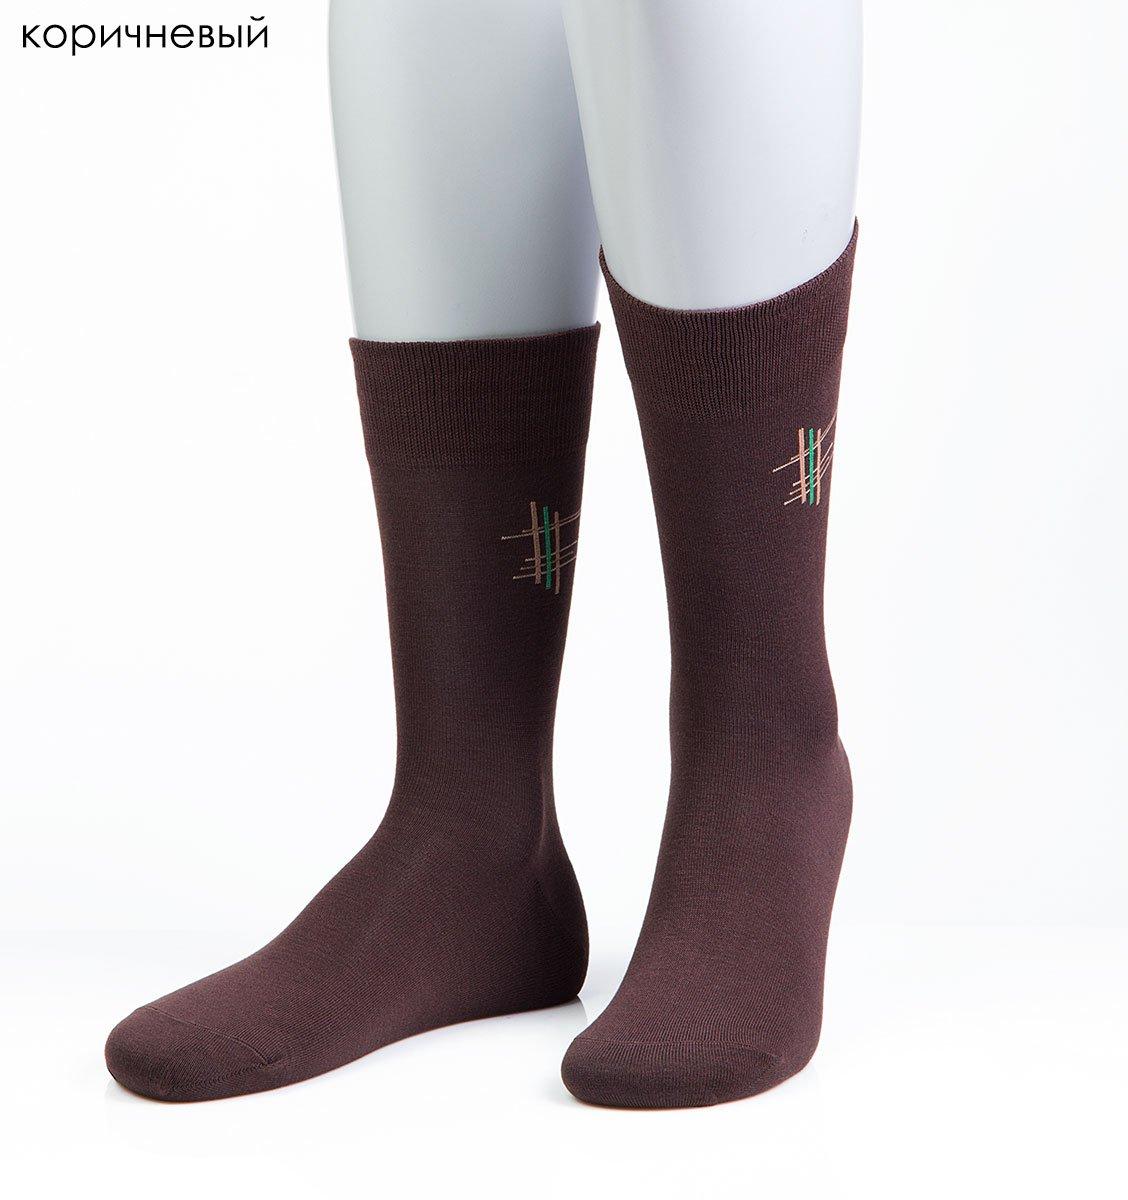 Мужские носки с вышивкой 15D14 Grinston